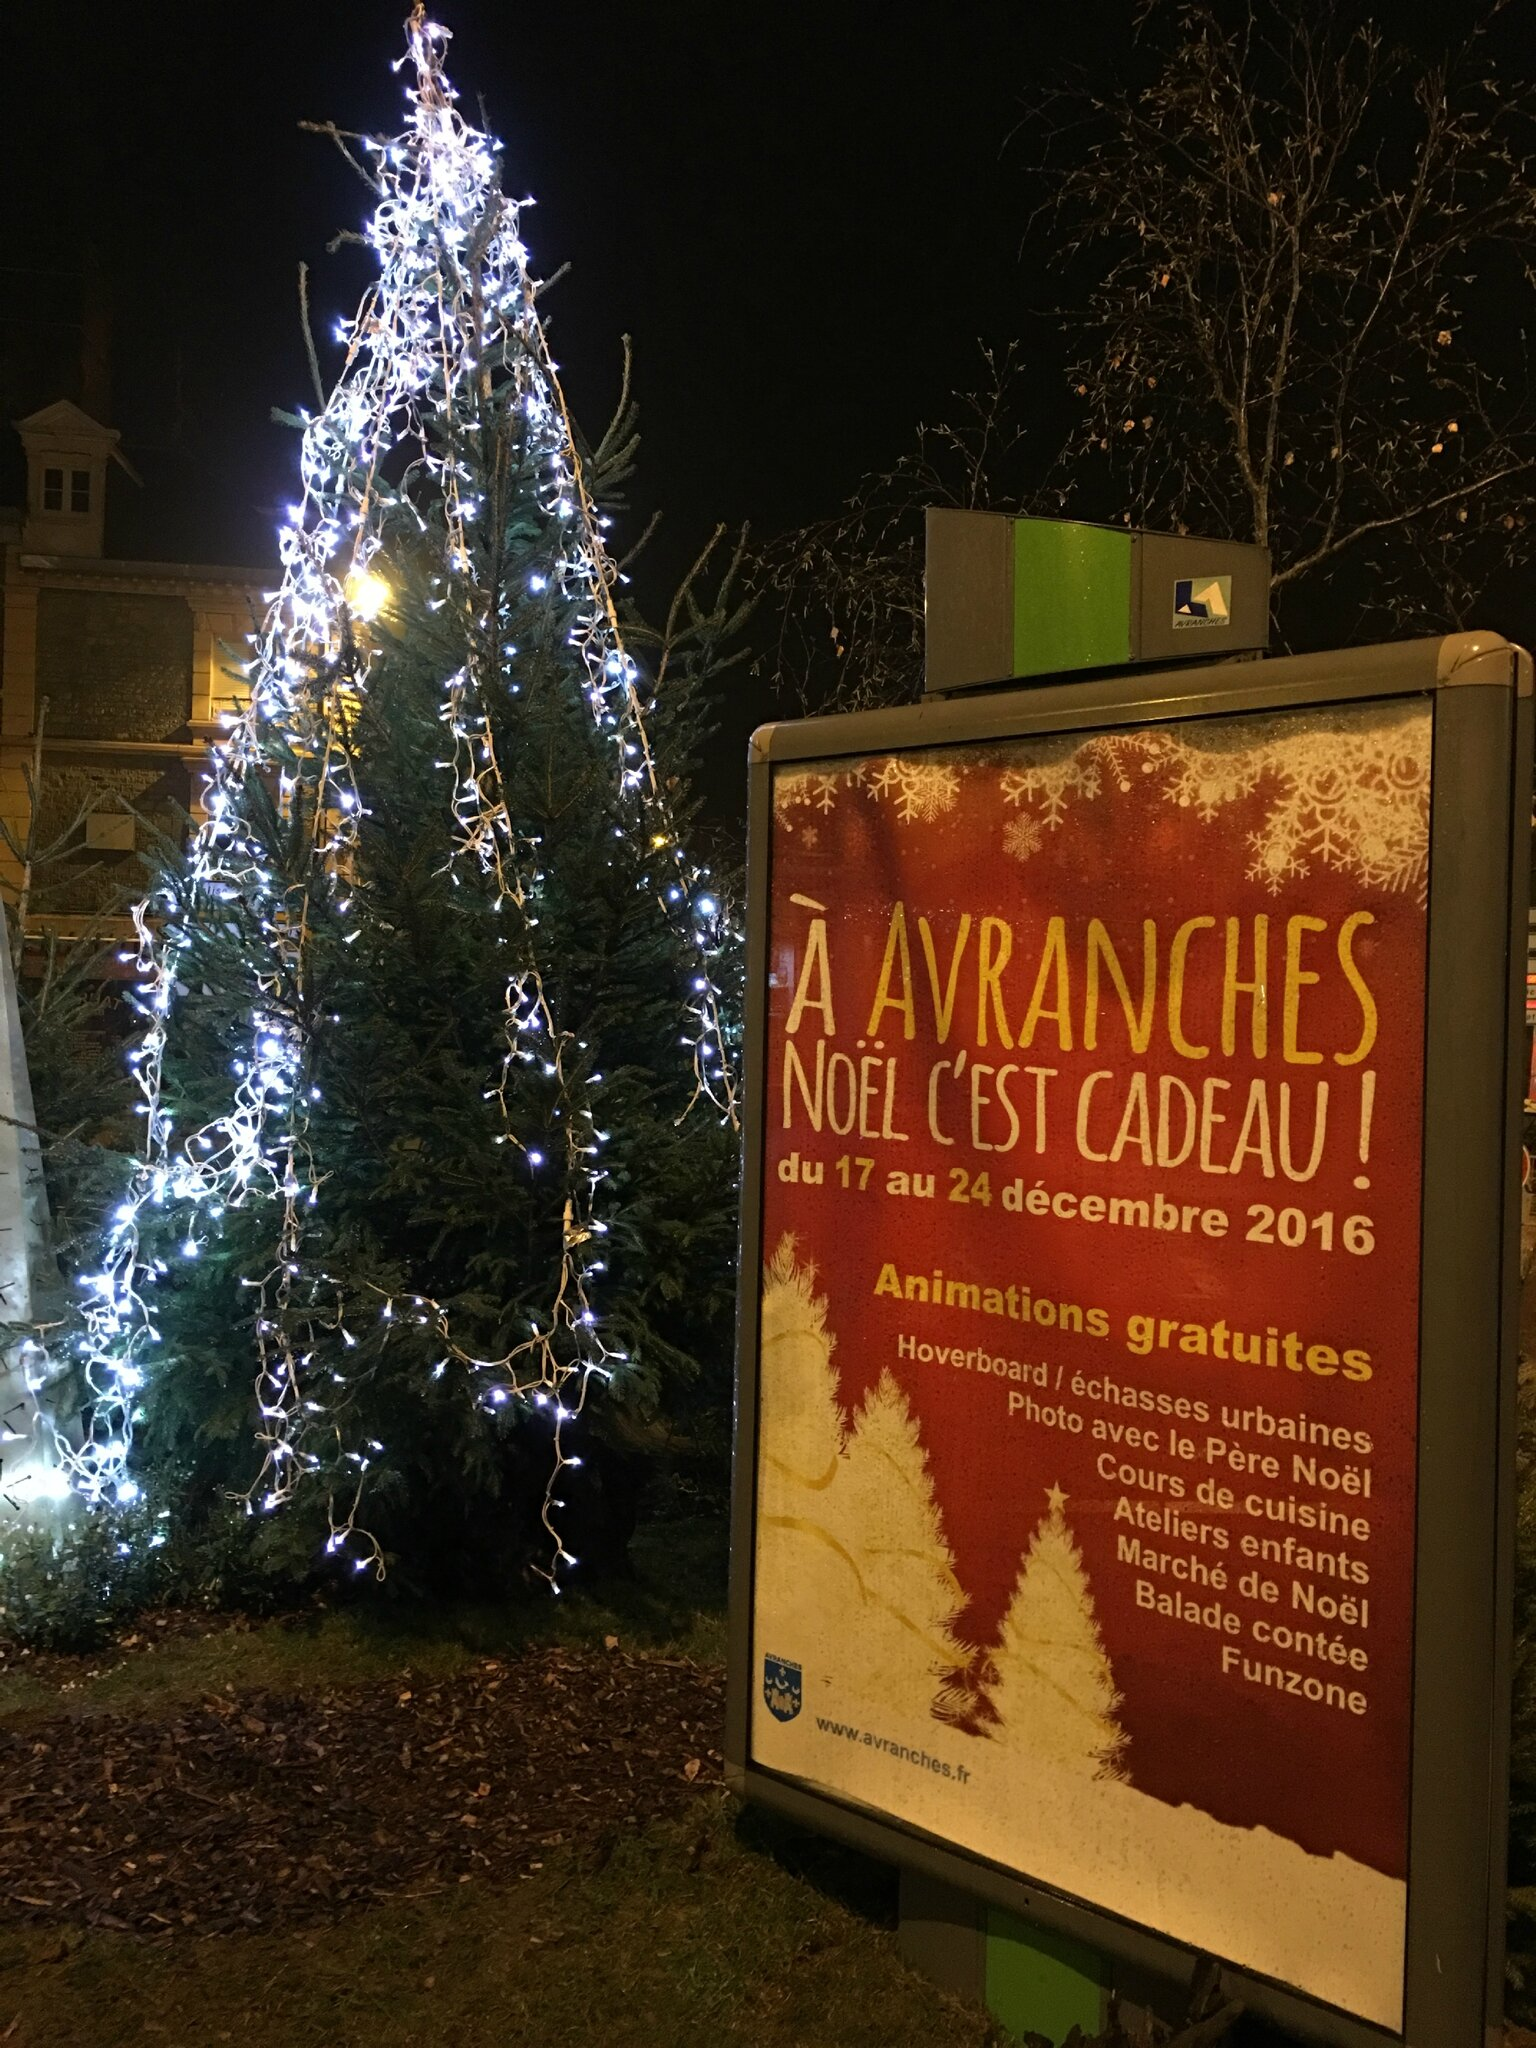 À Avranches, Noël c'est cadeau! - le programme des festivités 2016 - du 17 au 24 décembre 2016